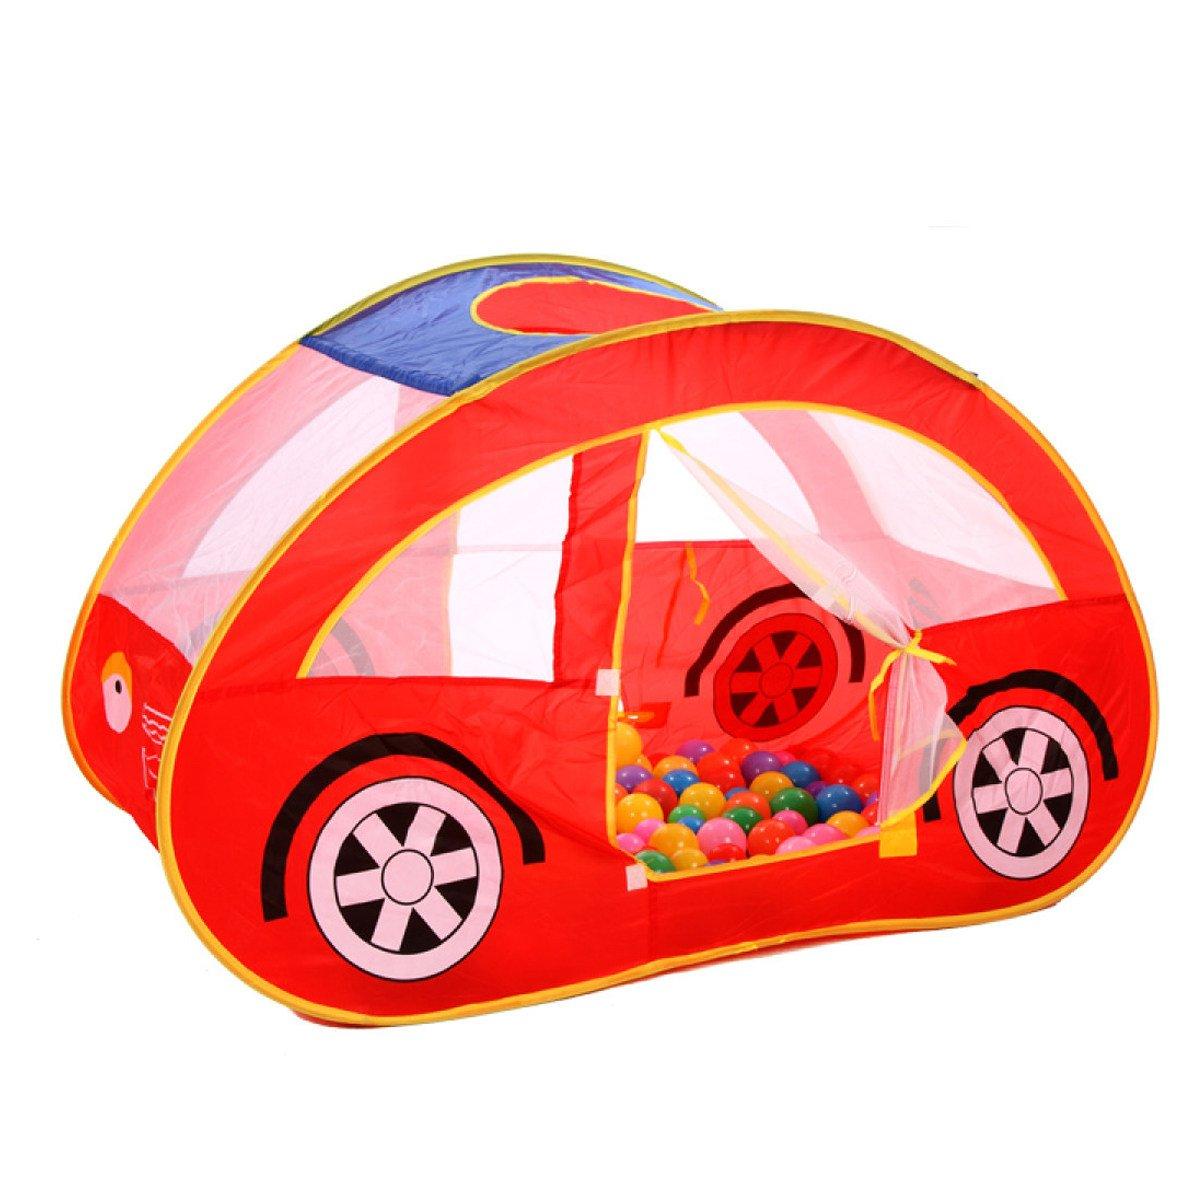 70% de descuento Tienda Para Niños Juegos Juegos Juegos De Coches Para Niños Casa Bebé Cubierta Plegable Casa Ocean Ball  nueva marca